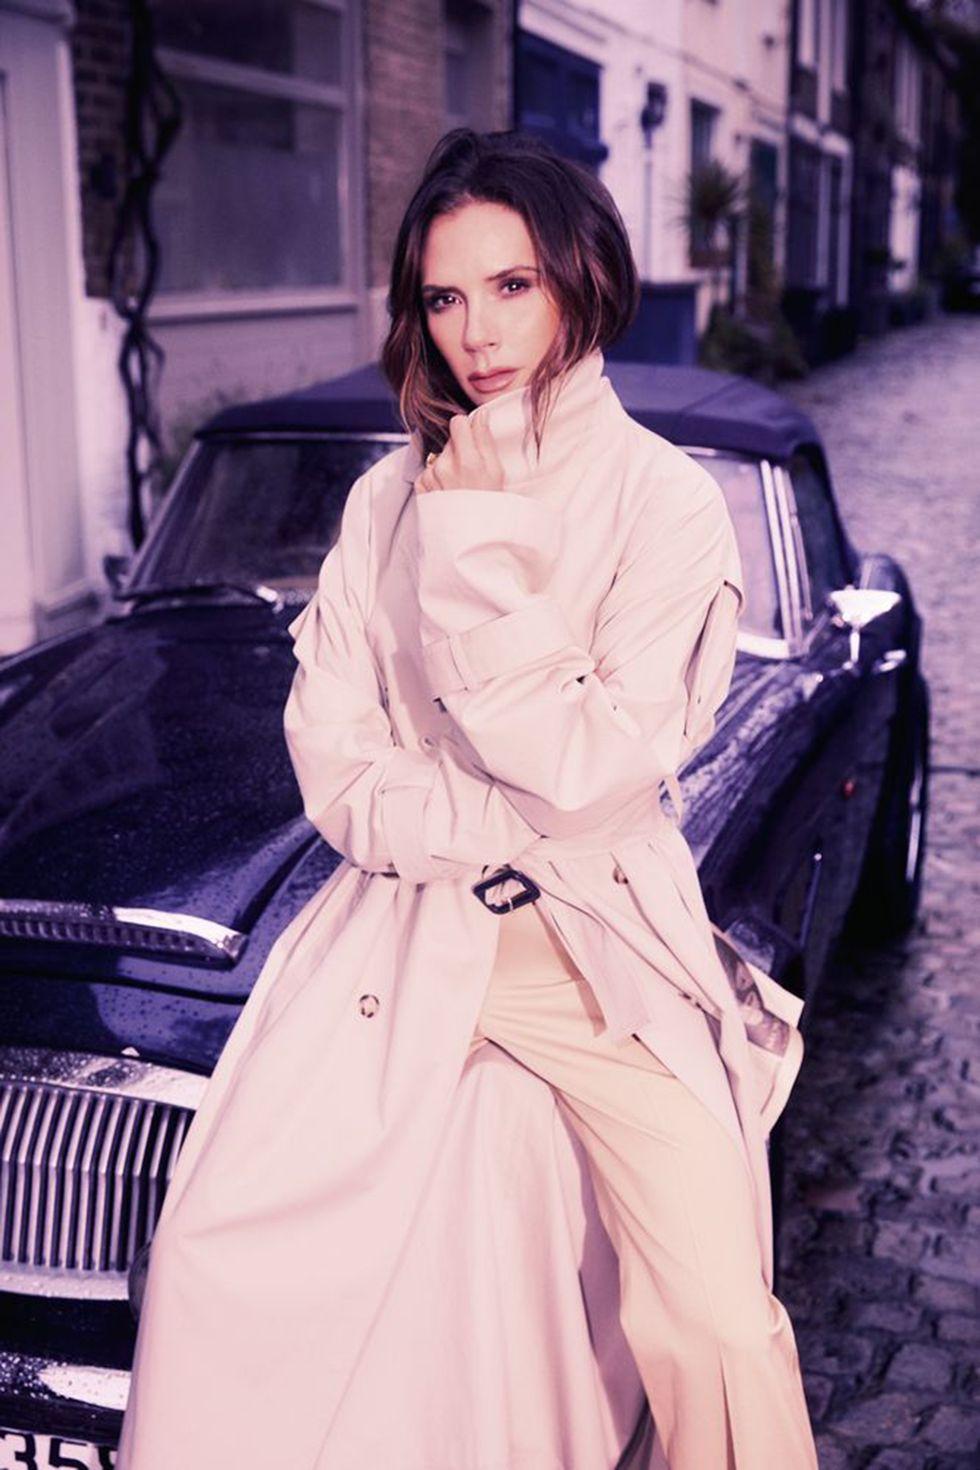 Hình ảnh mới nhất của Victoria trên tạp chí Harper's Bazaar. Cô diện trang phục do chính mình thiết kế.